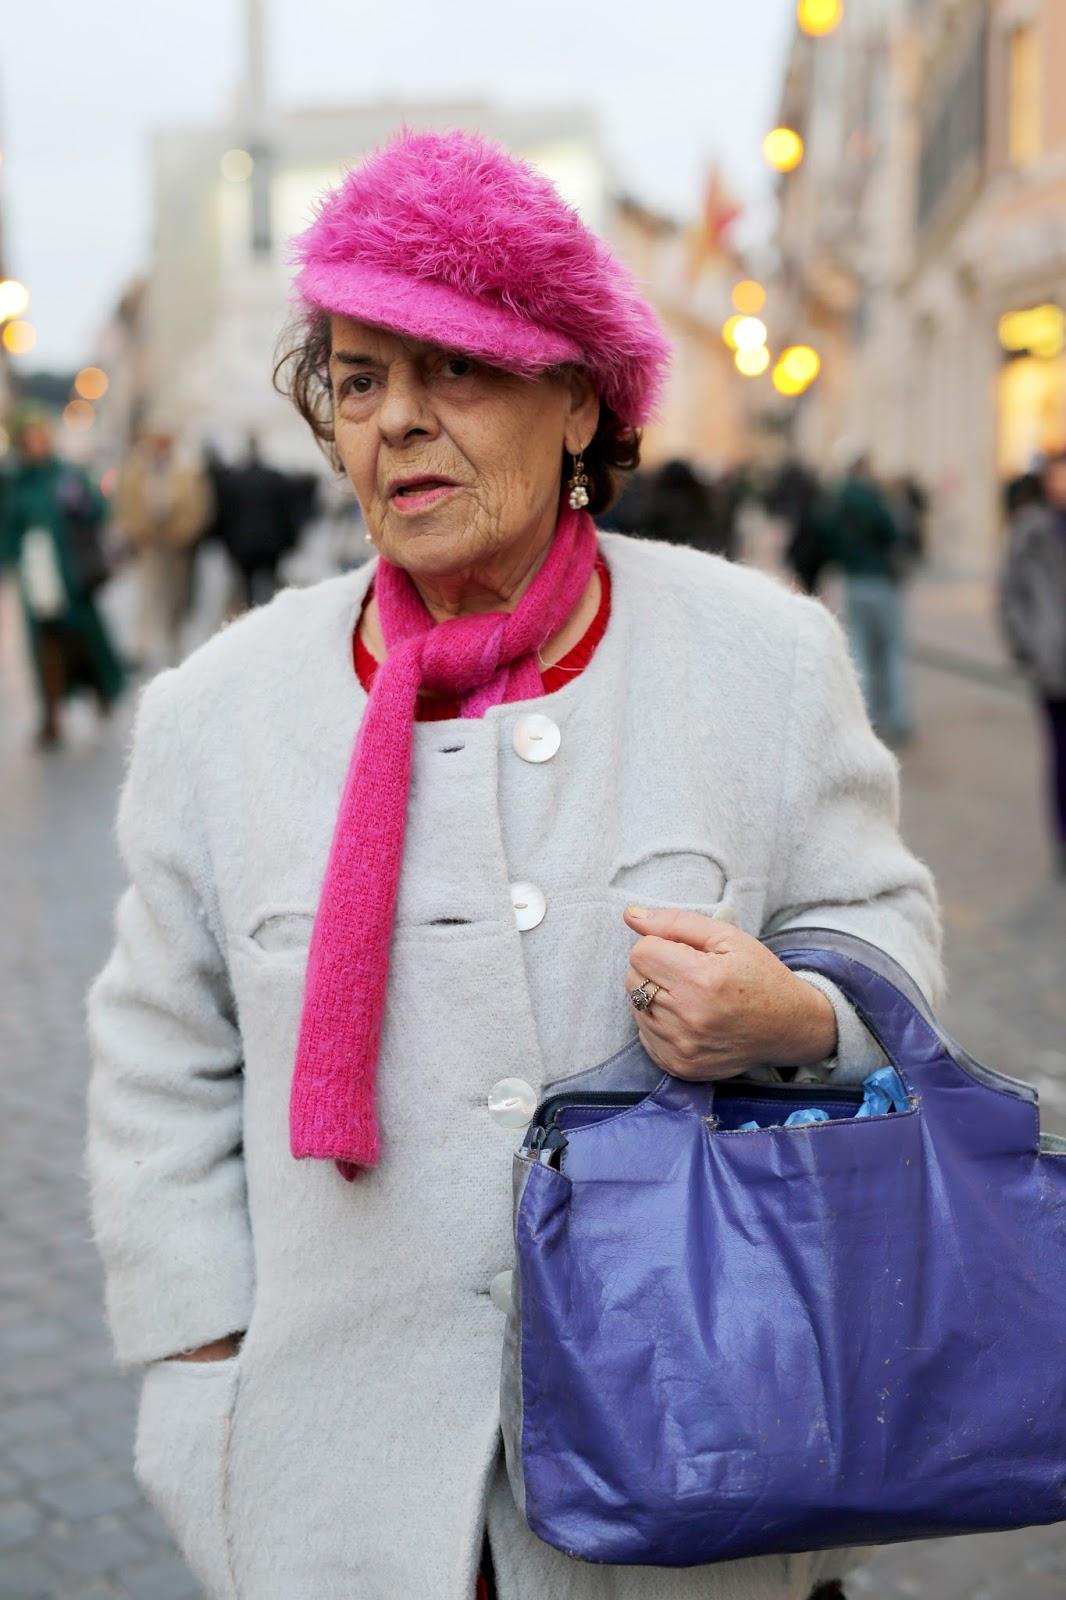 Стильные пожилые люди мира от Ари Сет Коэна